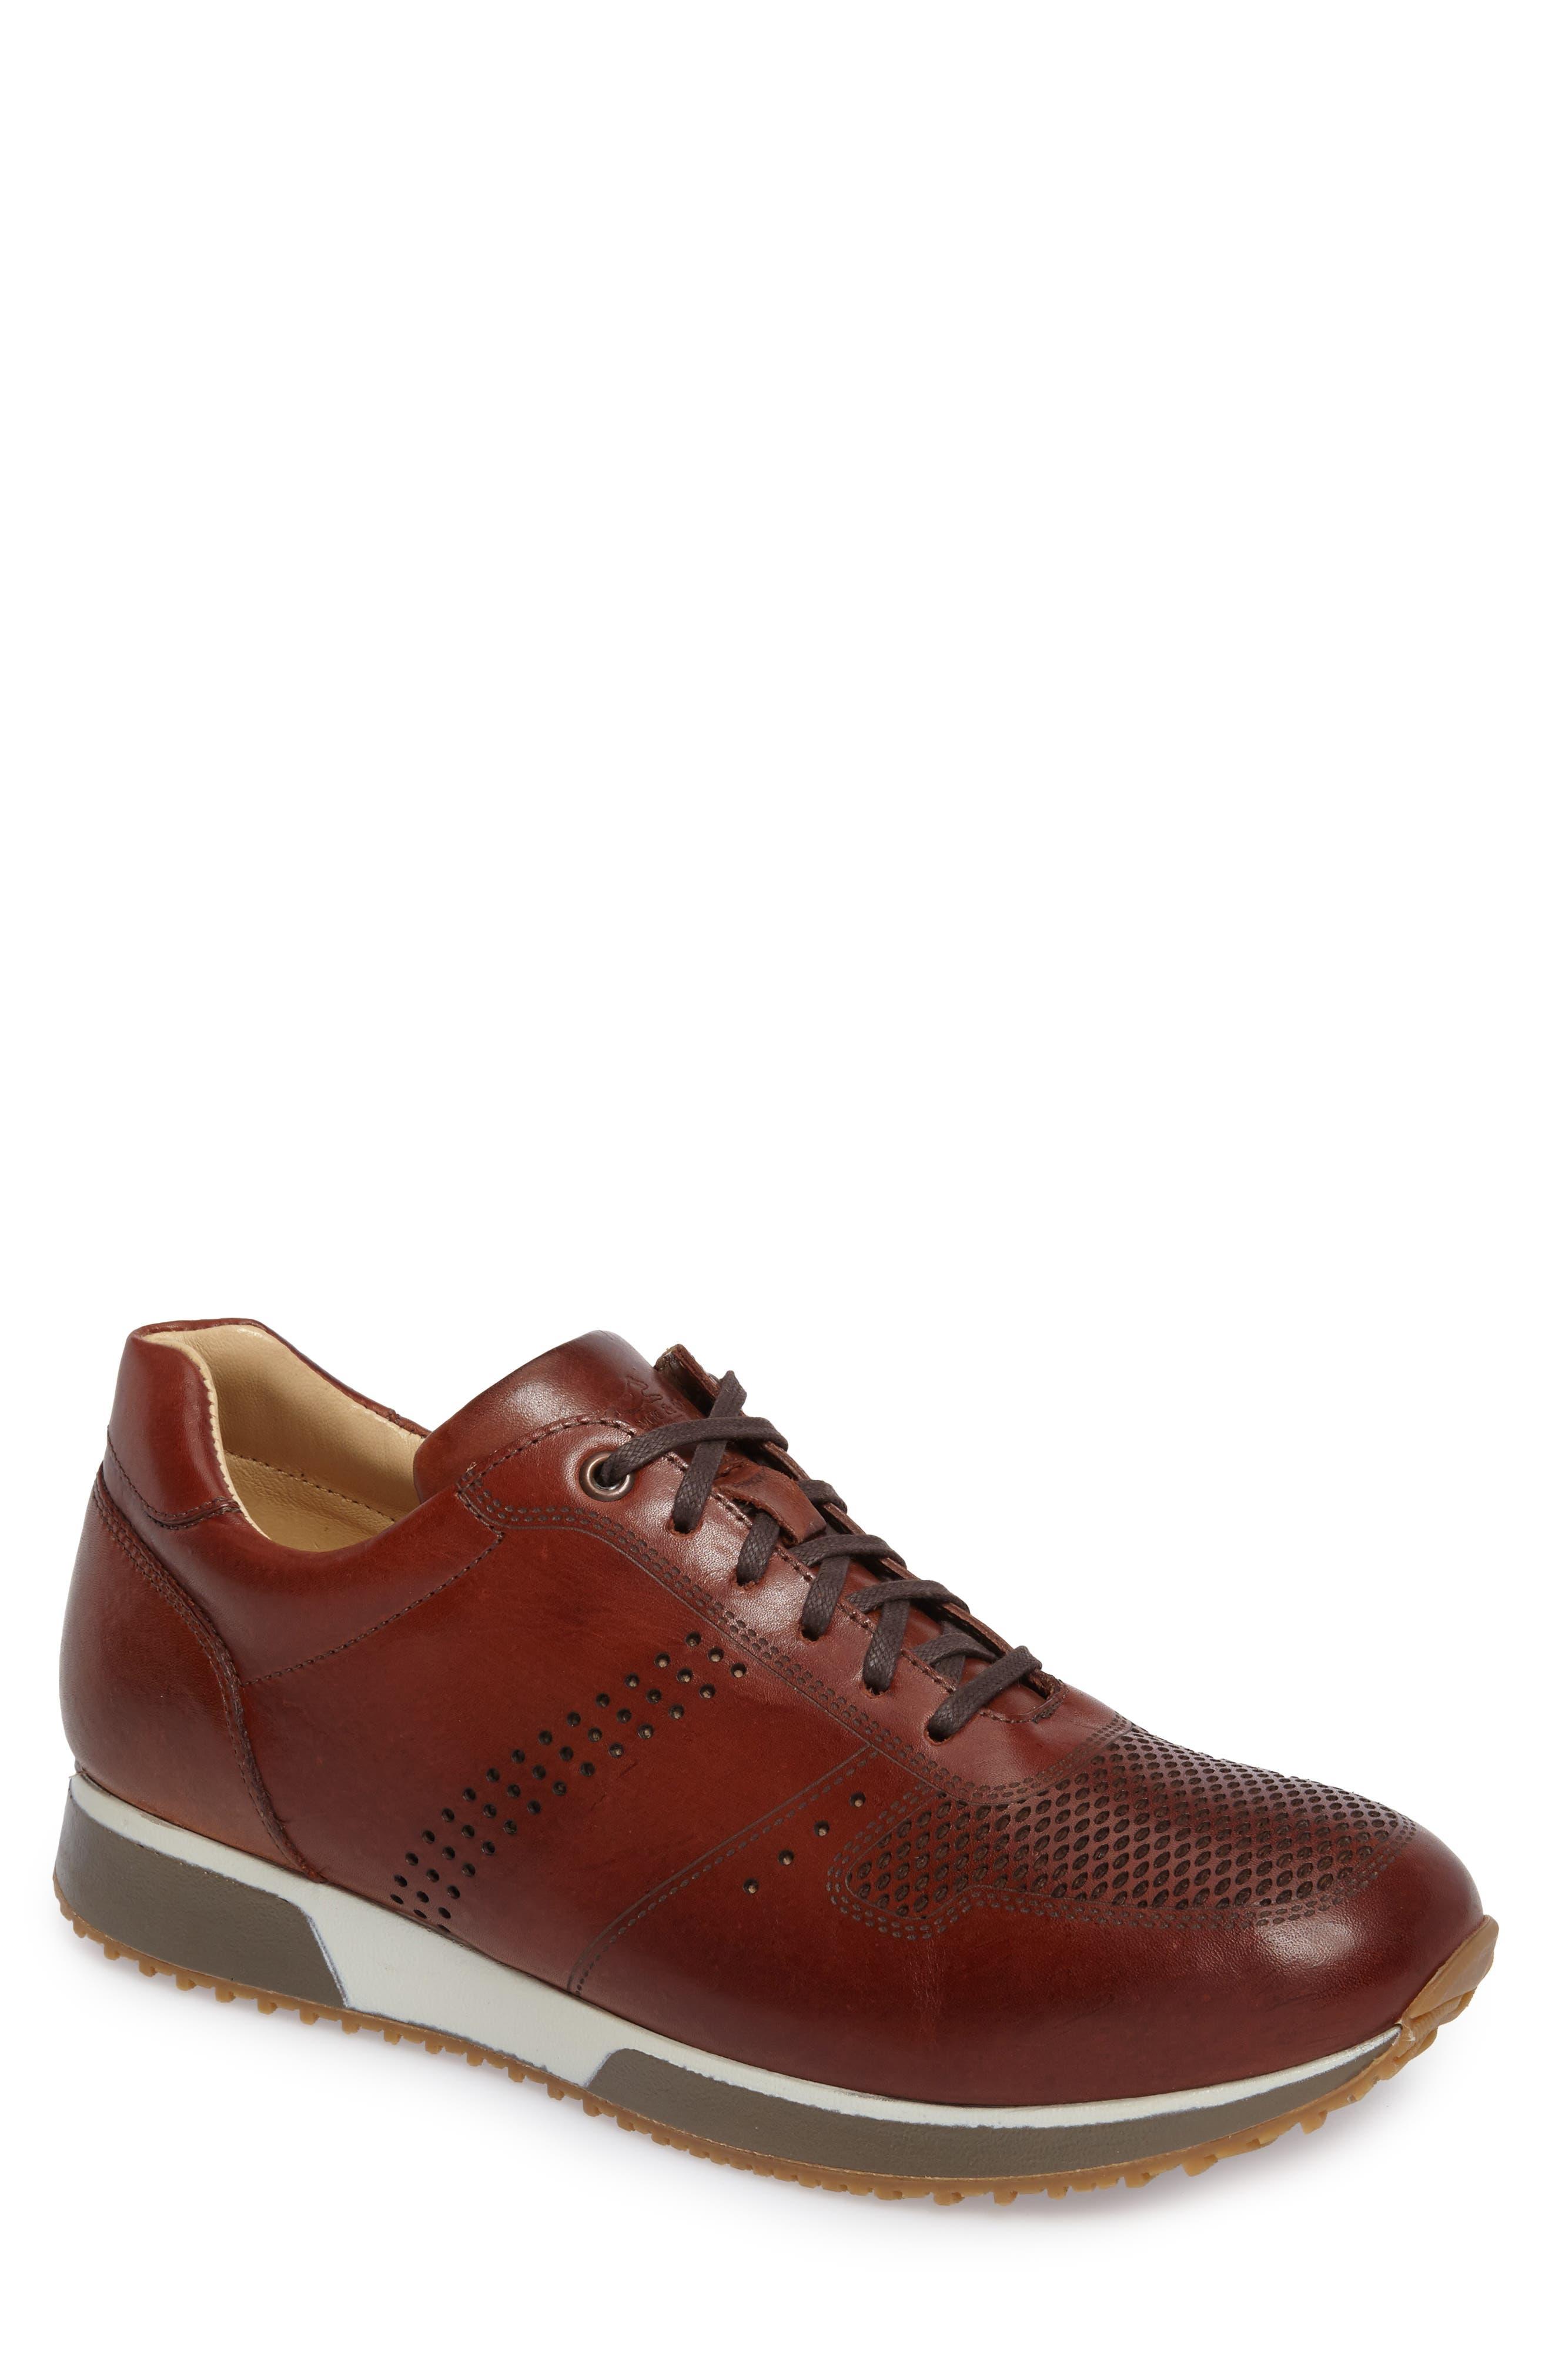 Anatomic & Co. Classico Sneaker (Men)